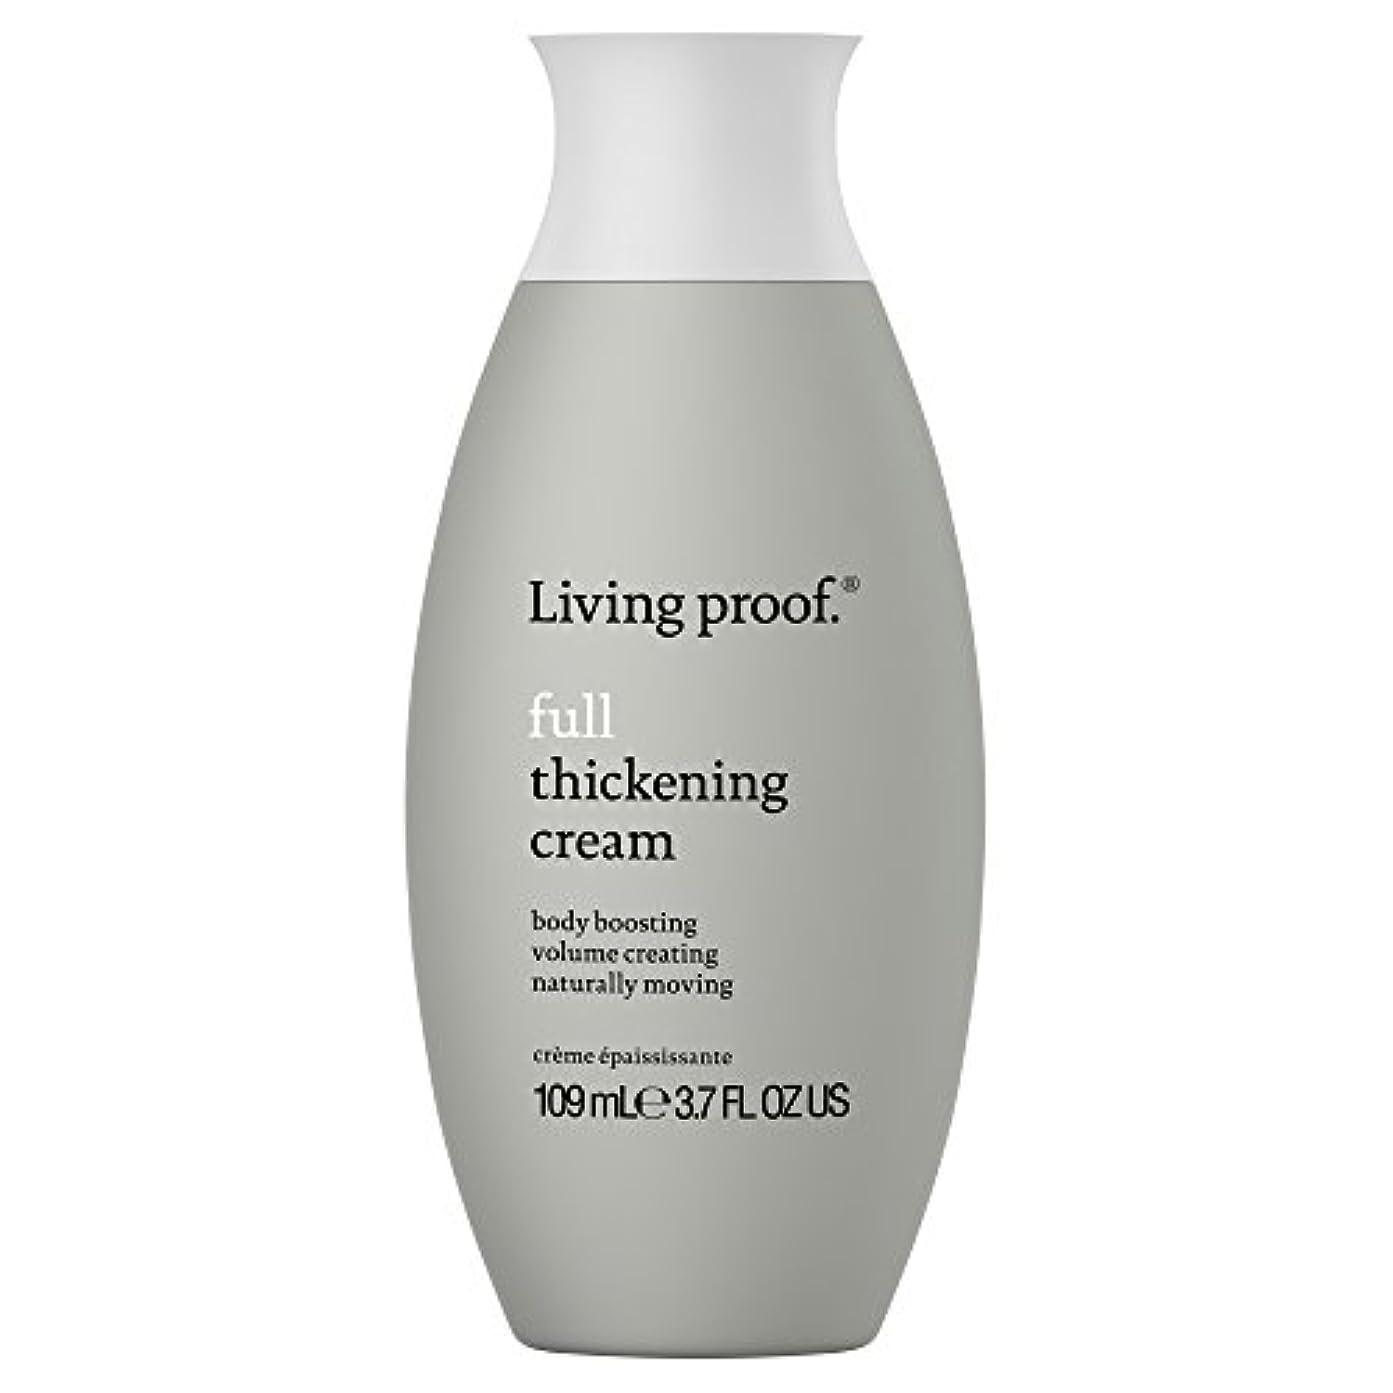 影のあるワイド百万生きている証拠フル肥厚クリーム109ミリリットル (Living Proof) - Living Proof Full Thickening Cream 109ml [並行輸入品]